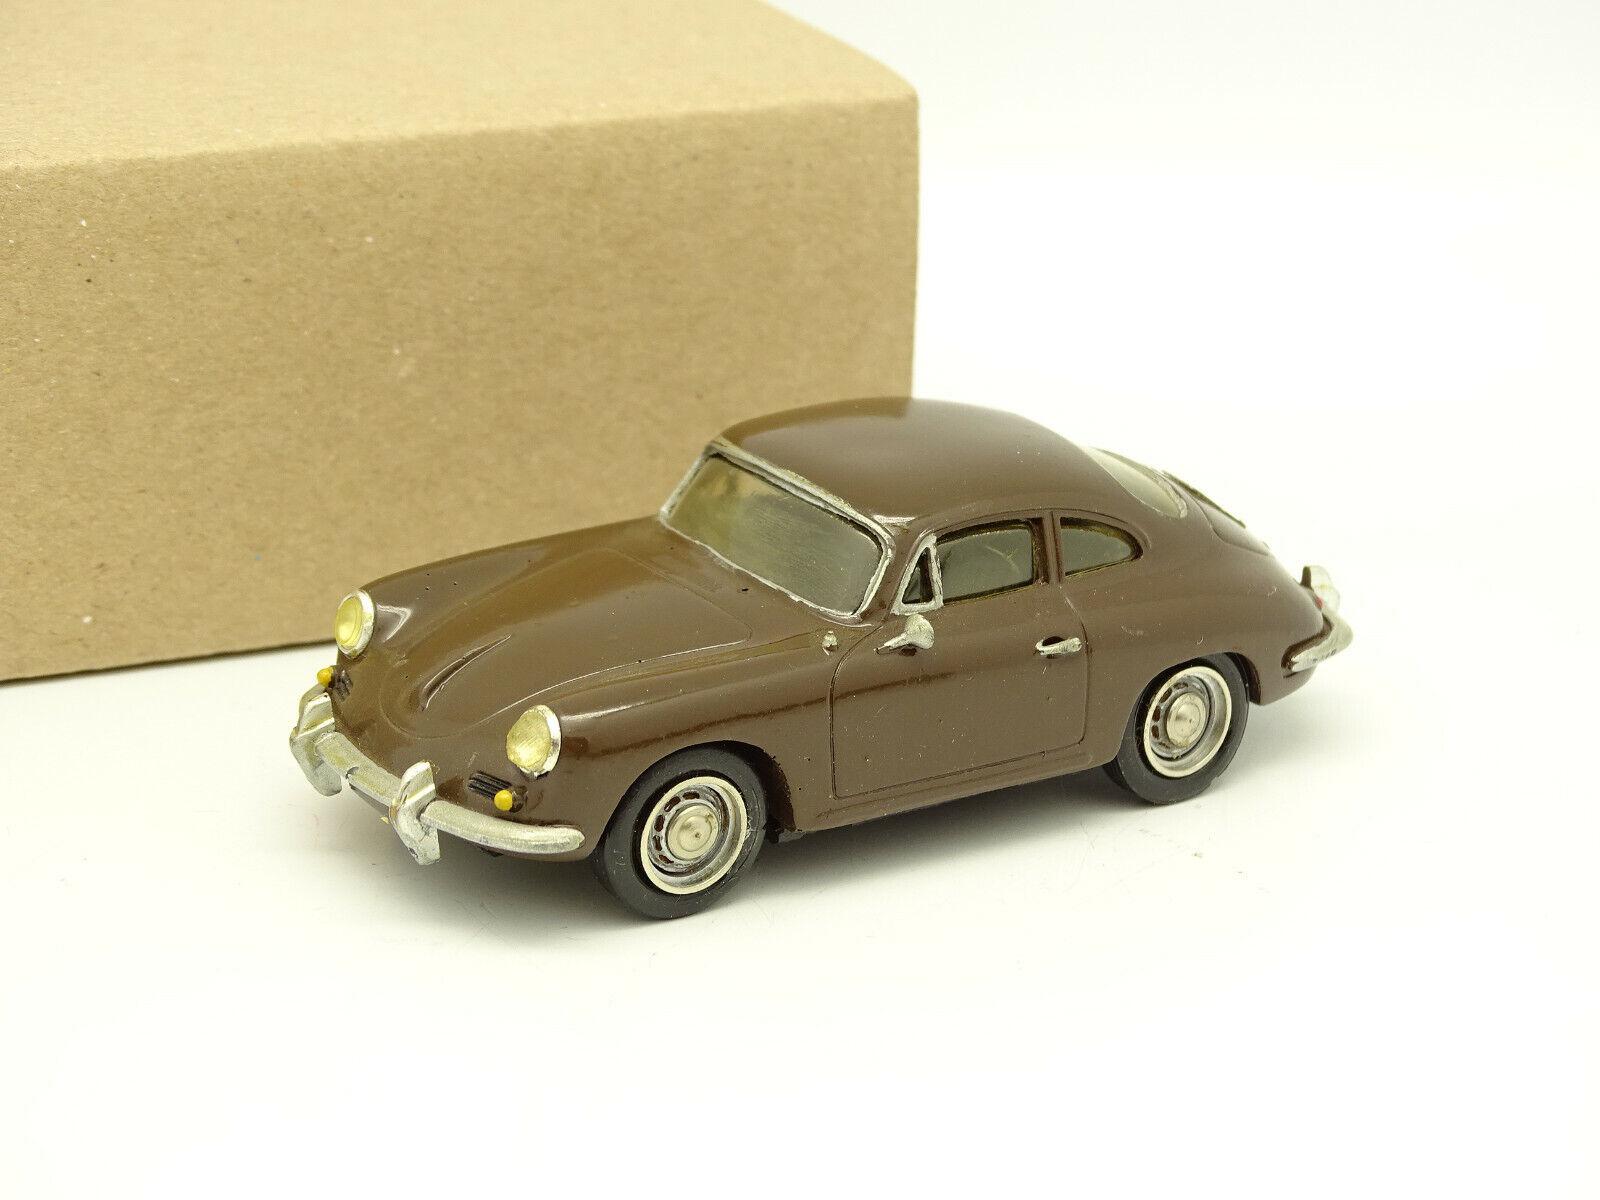 Record Kit Monté Résine 1 43 - Porsche 356 B marrón